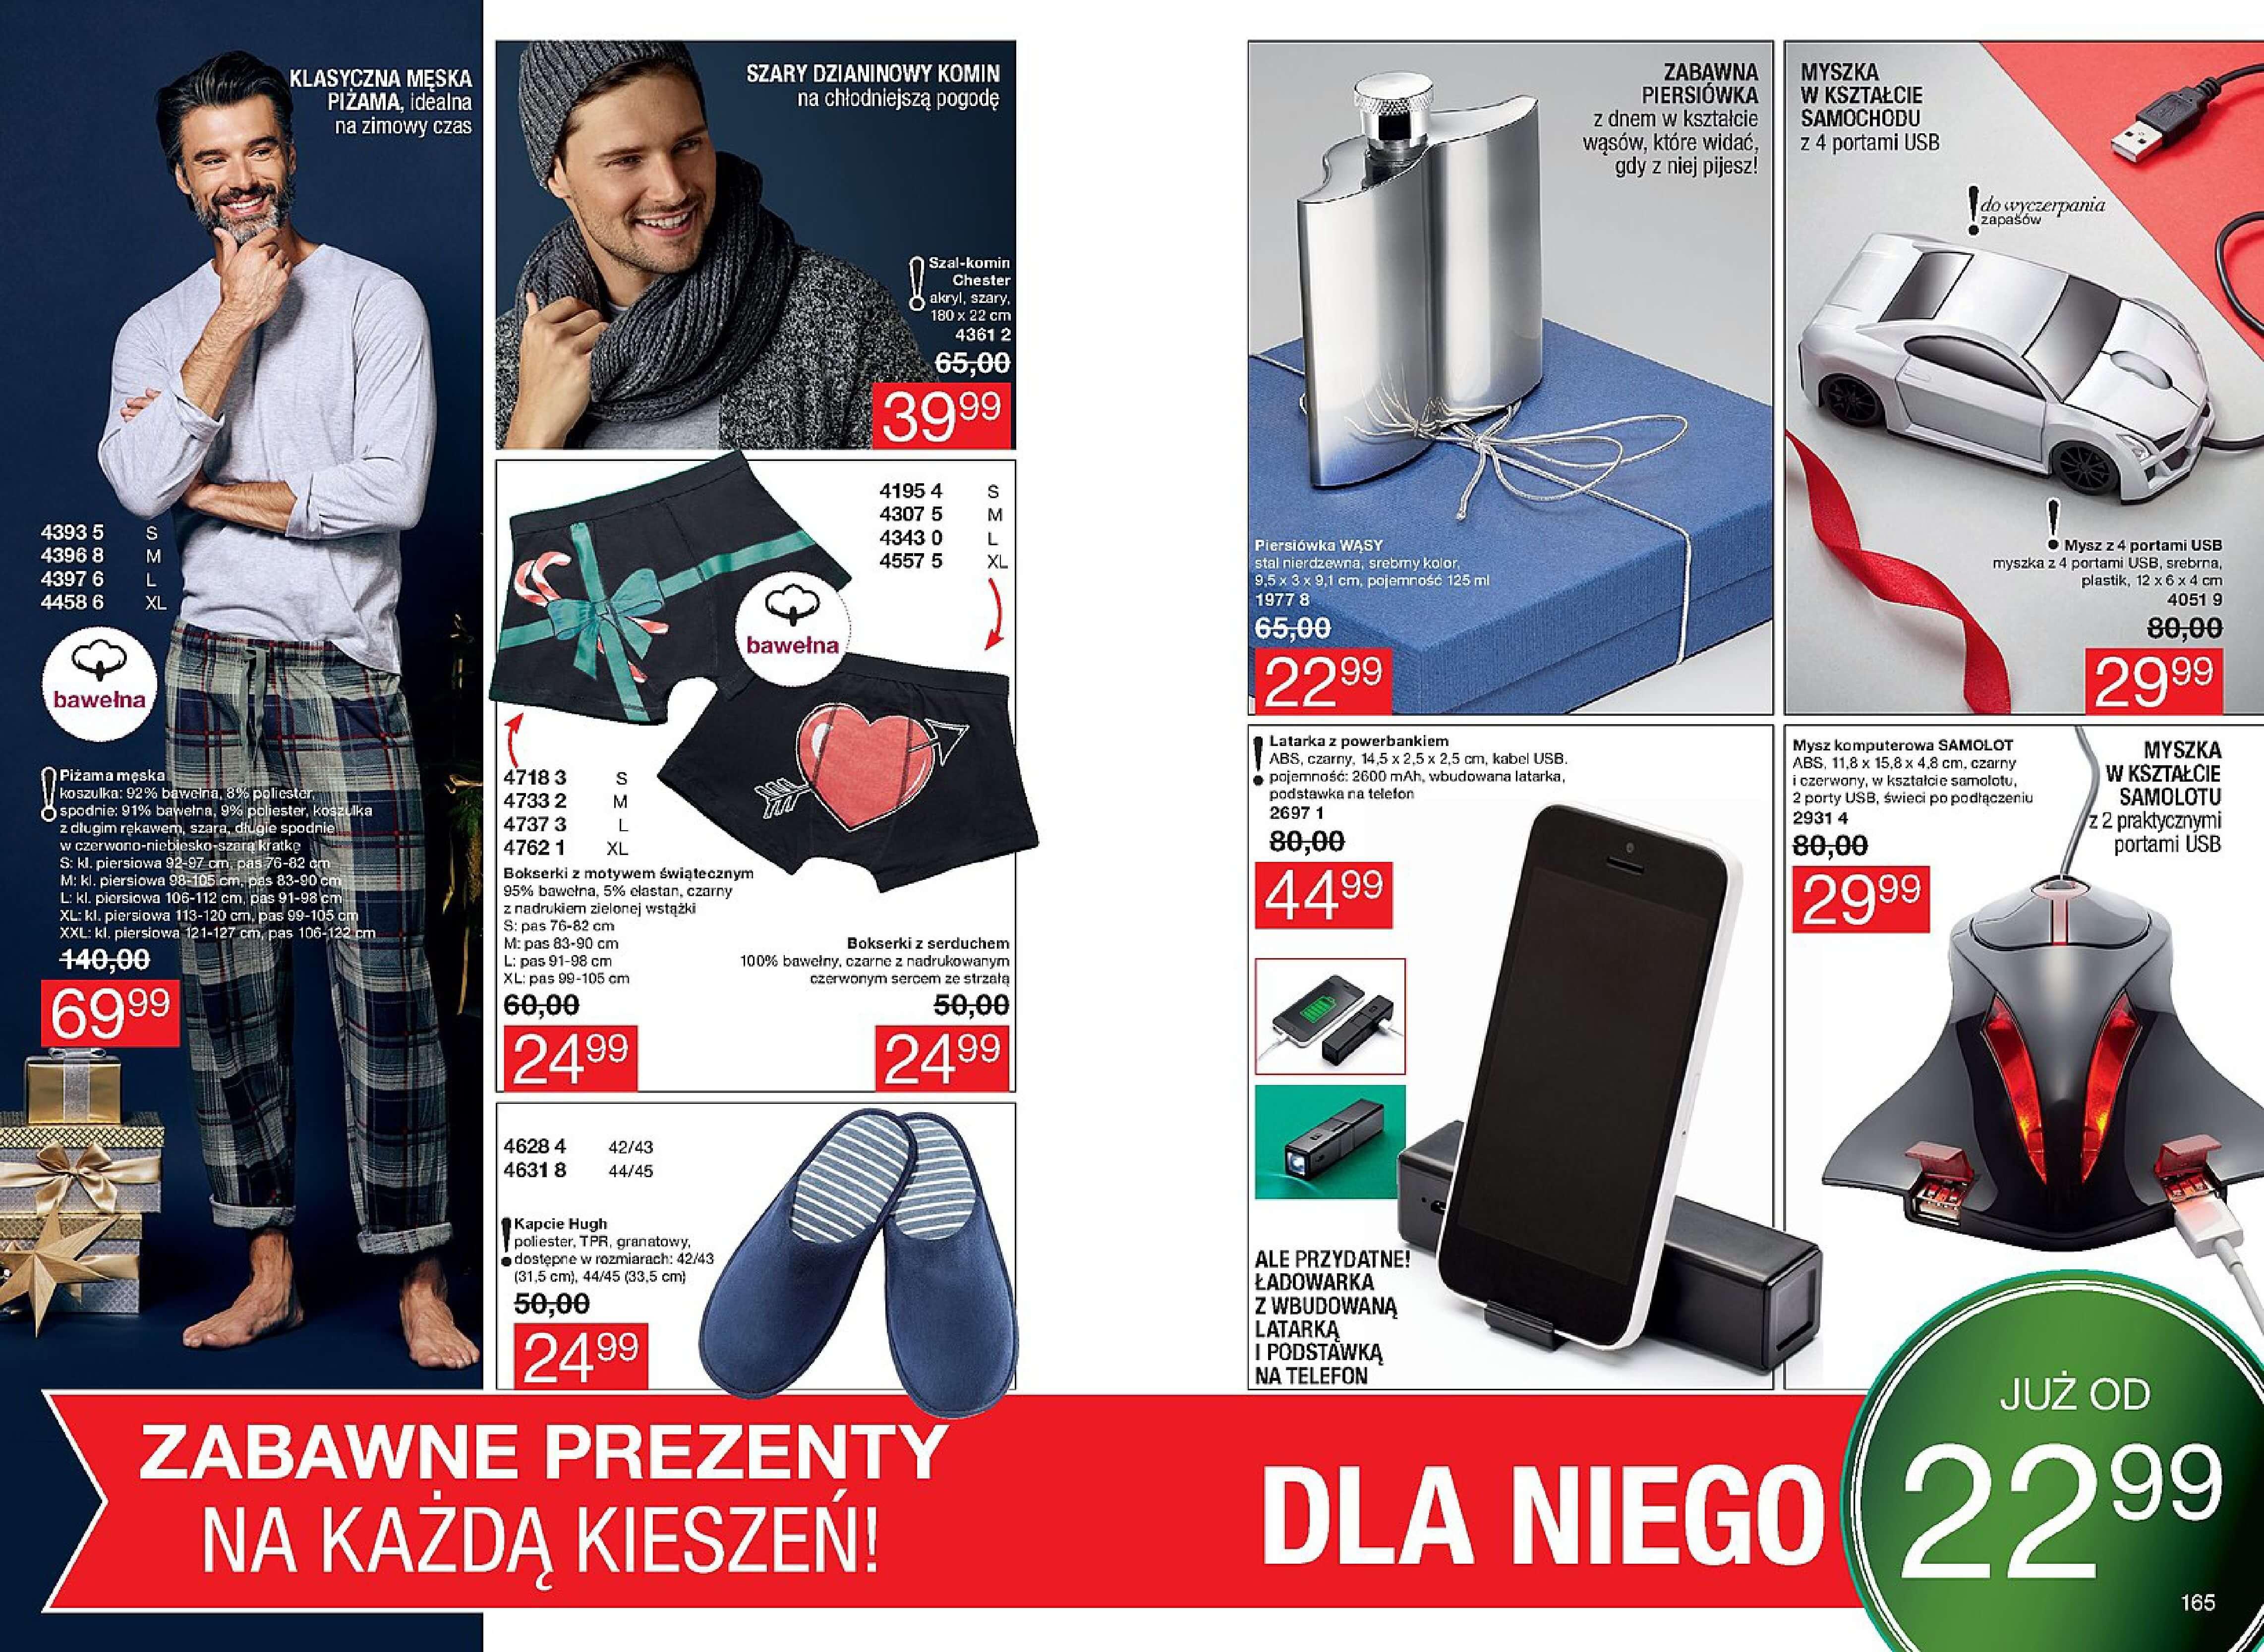 Gazetka Avon - Katalog 17/2017 Gwiazdka-29.11.2017-27.12.2017-page-83